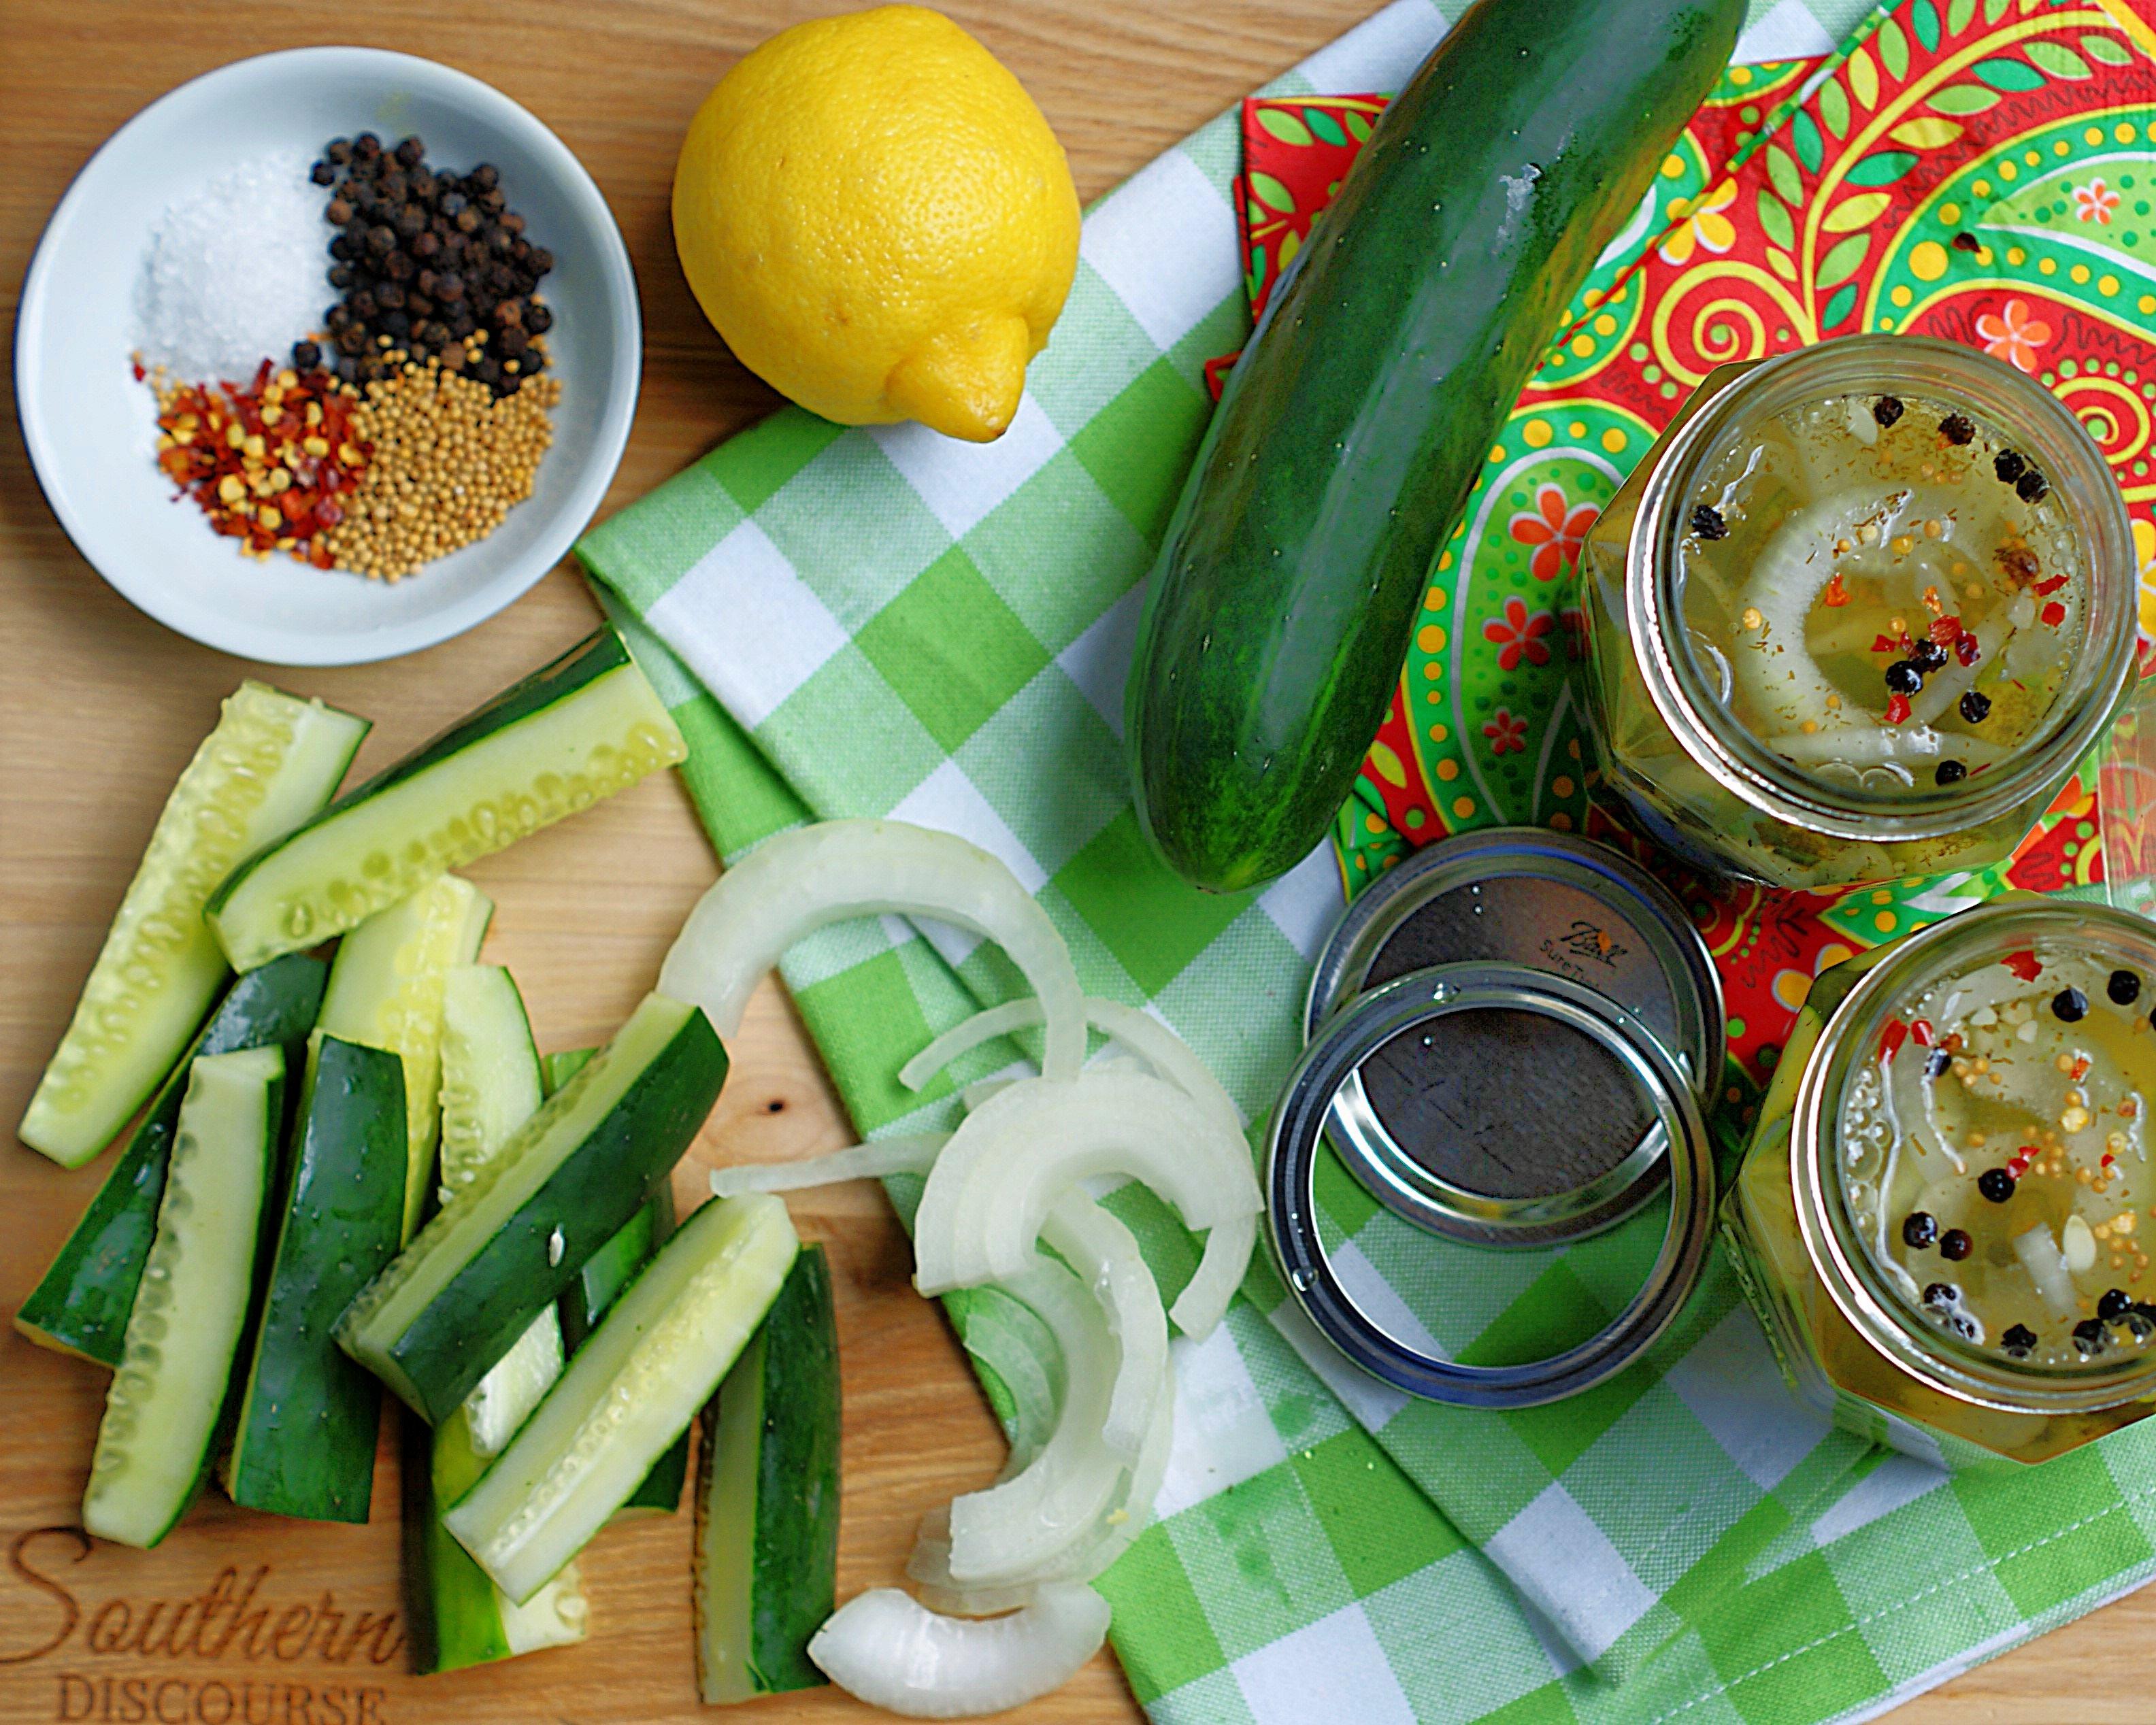 Prepping for lemonade pickles.